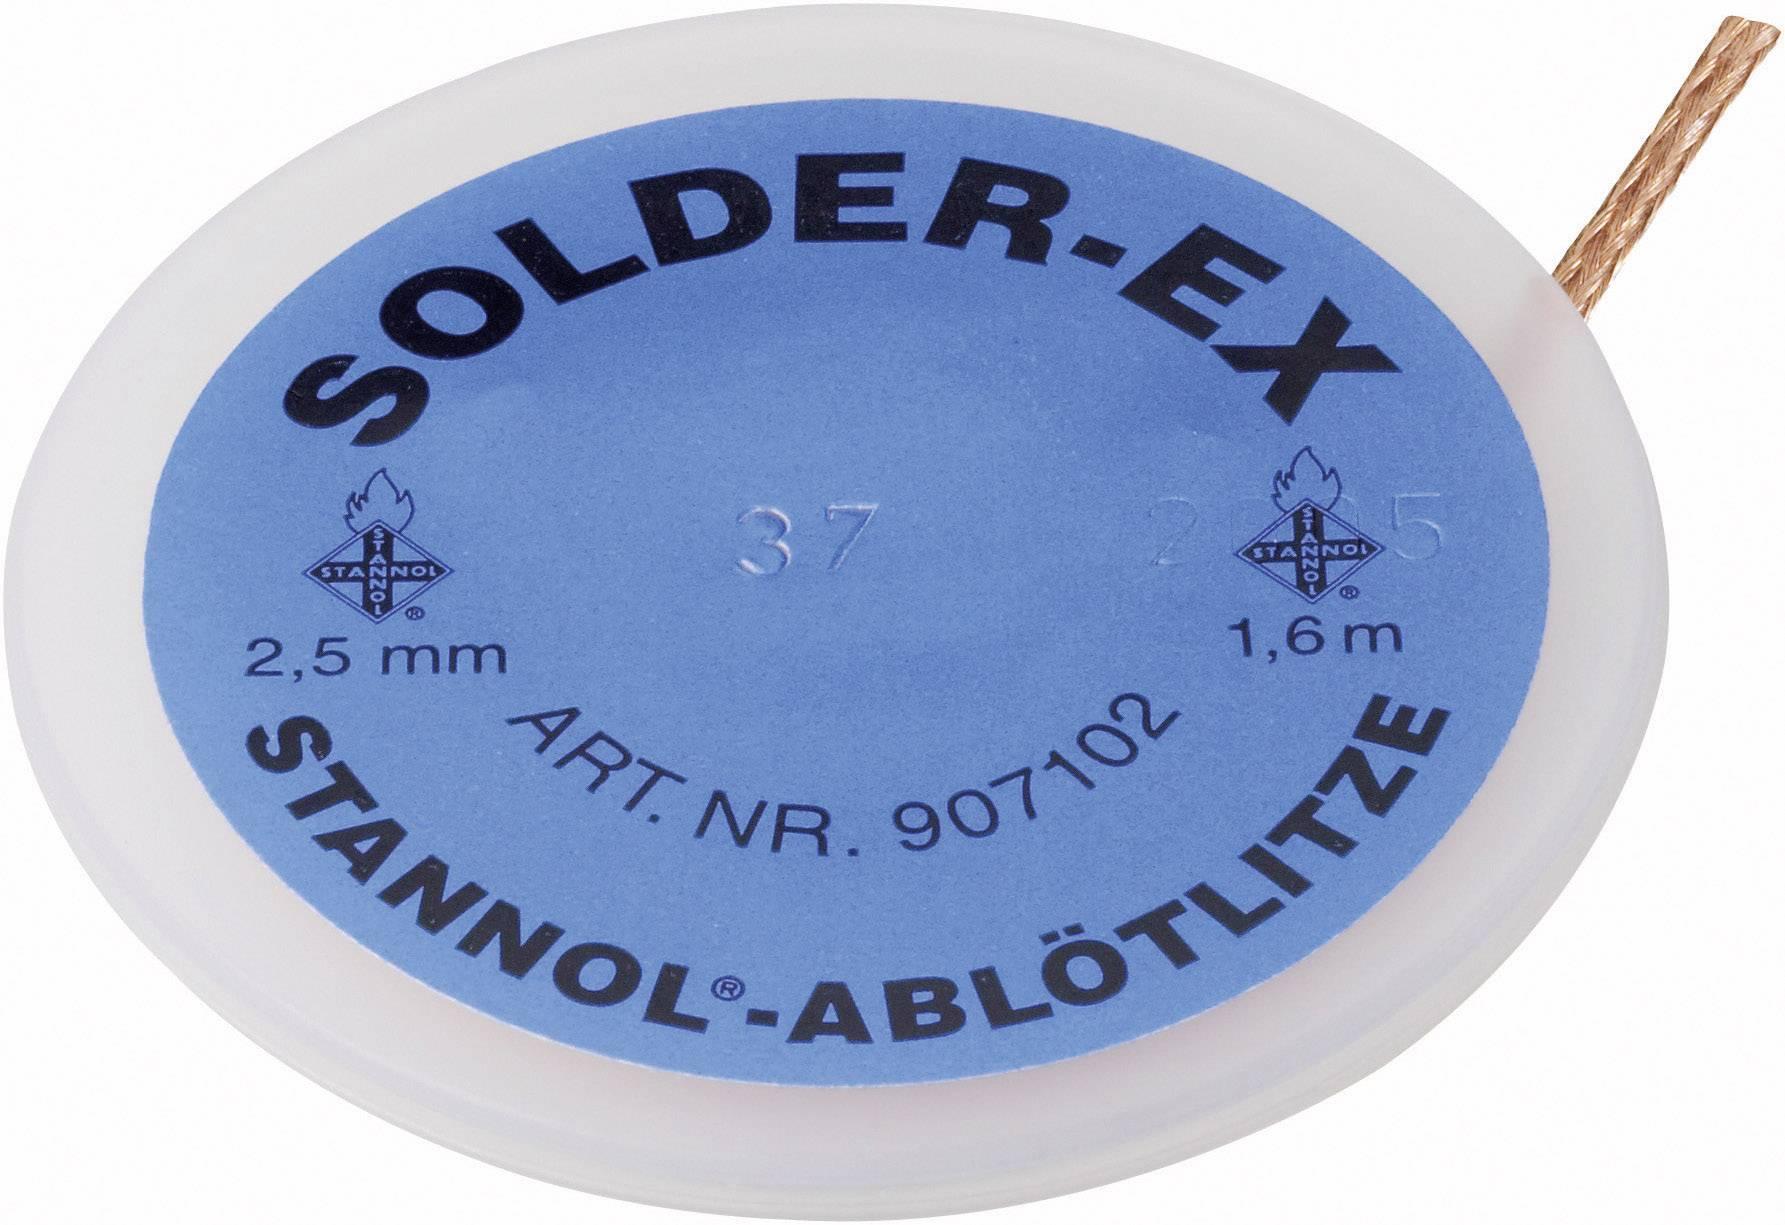 Odpájecí lanko Stannol Solder, délka 1.6 m, šířka 2.5 mm